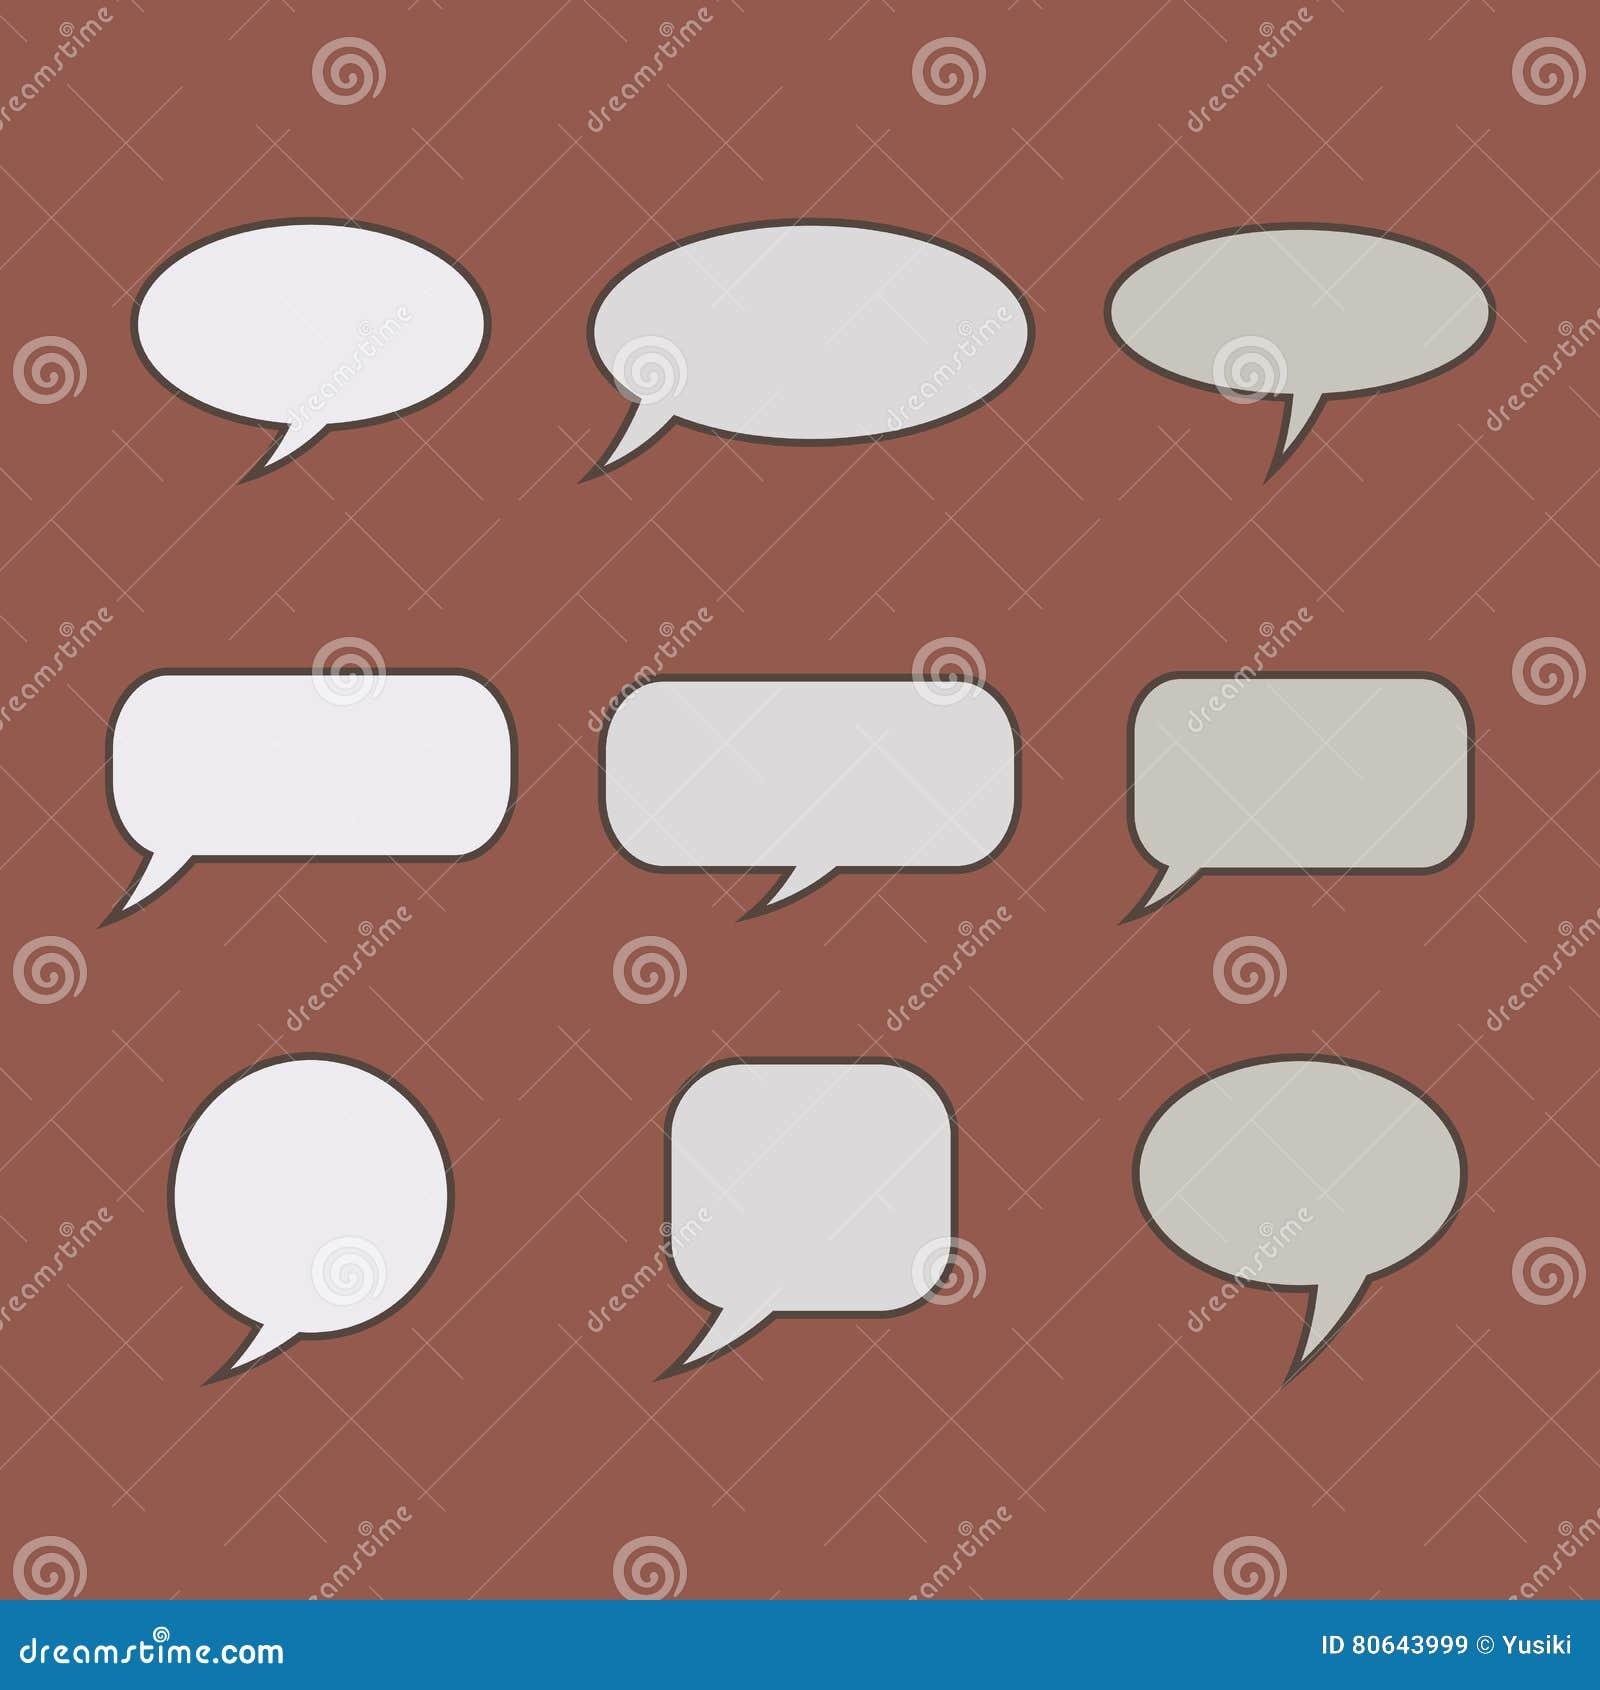 Thought Frame Speech Bubble Dream Cloud Talk Balloon